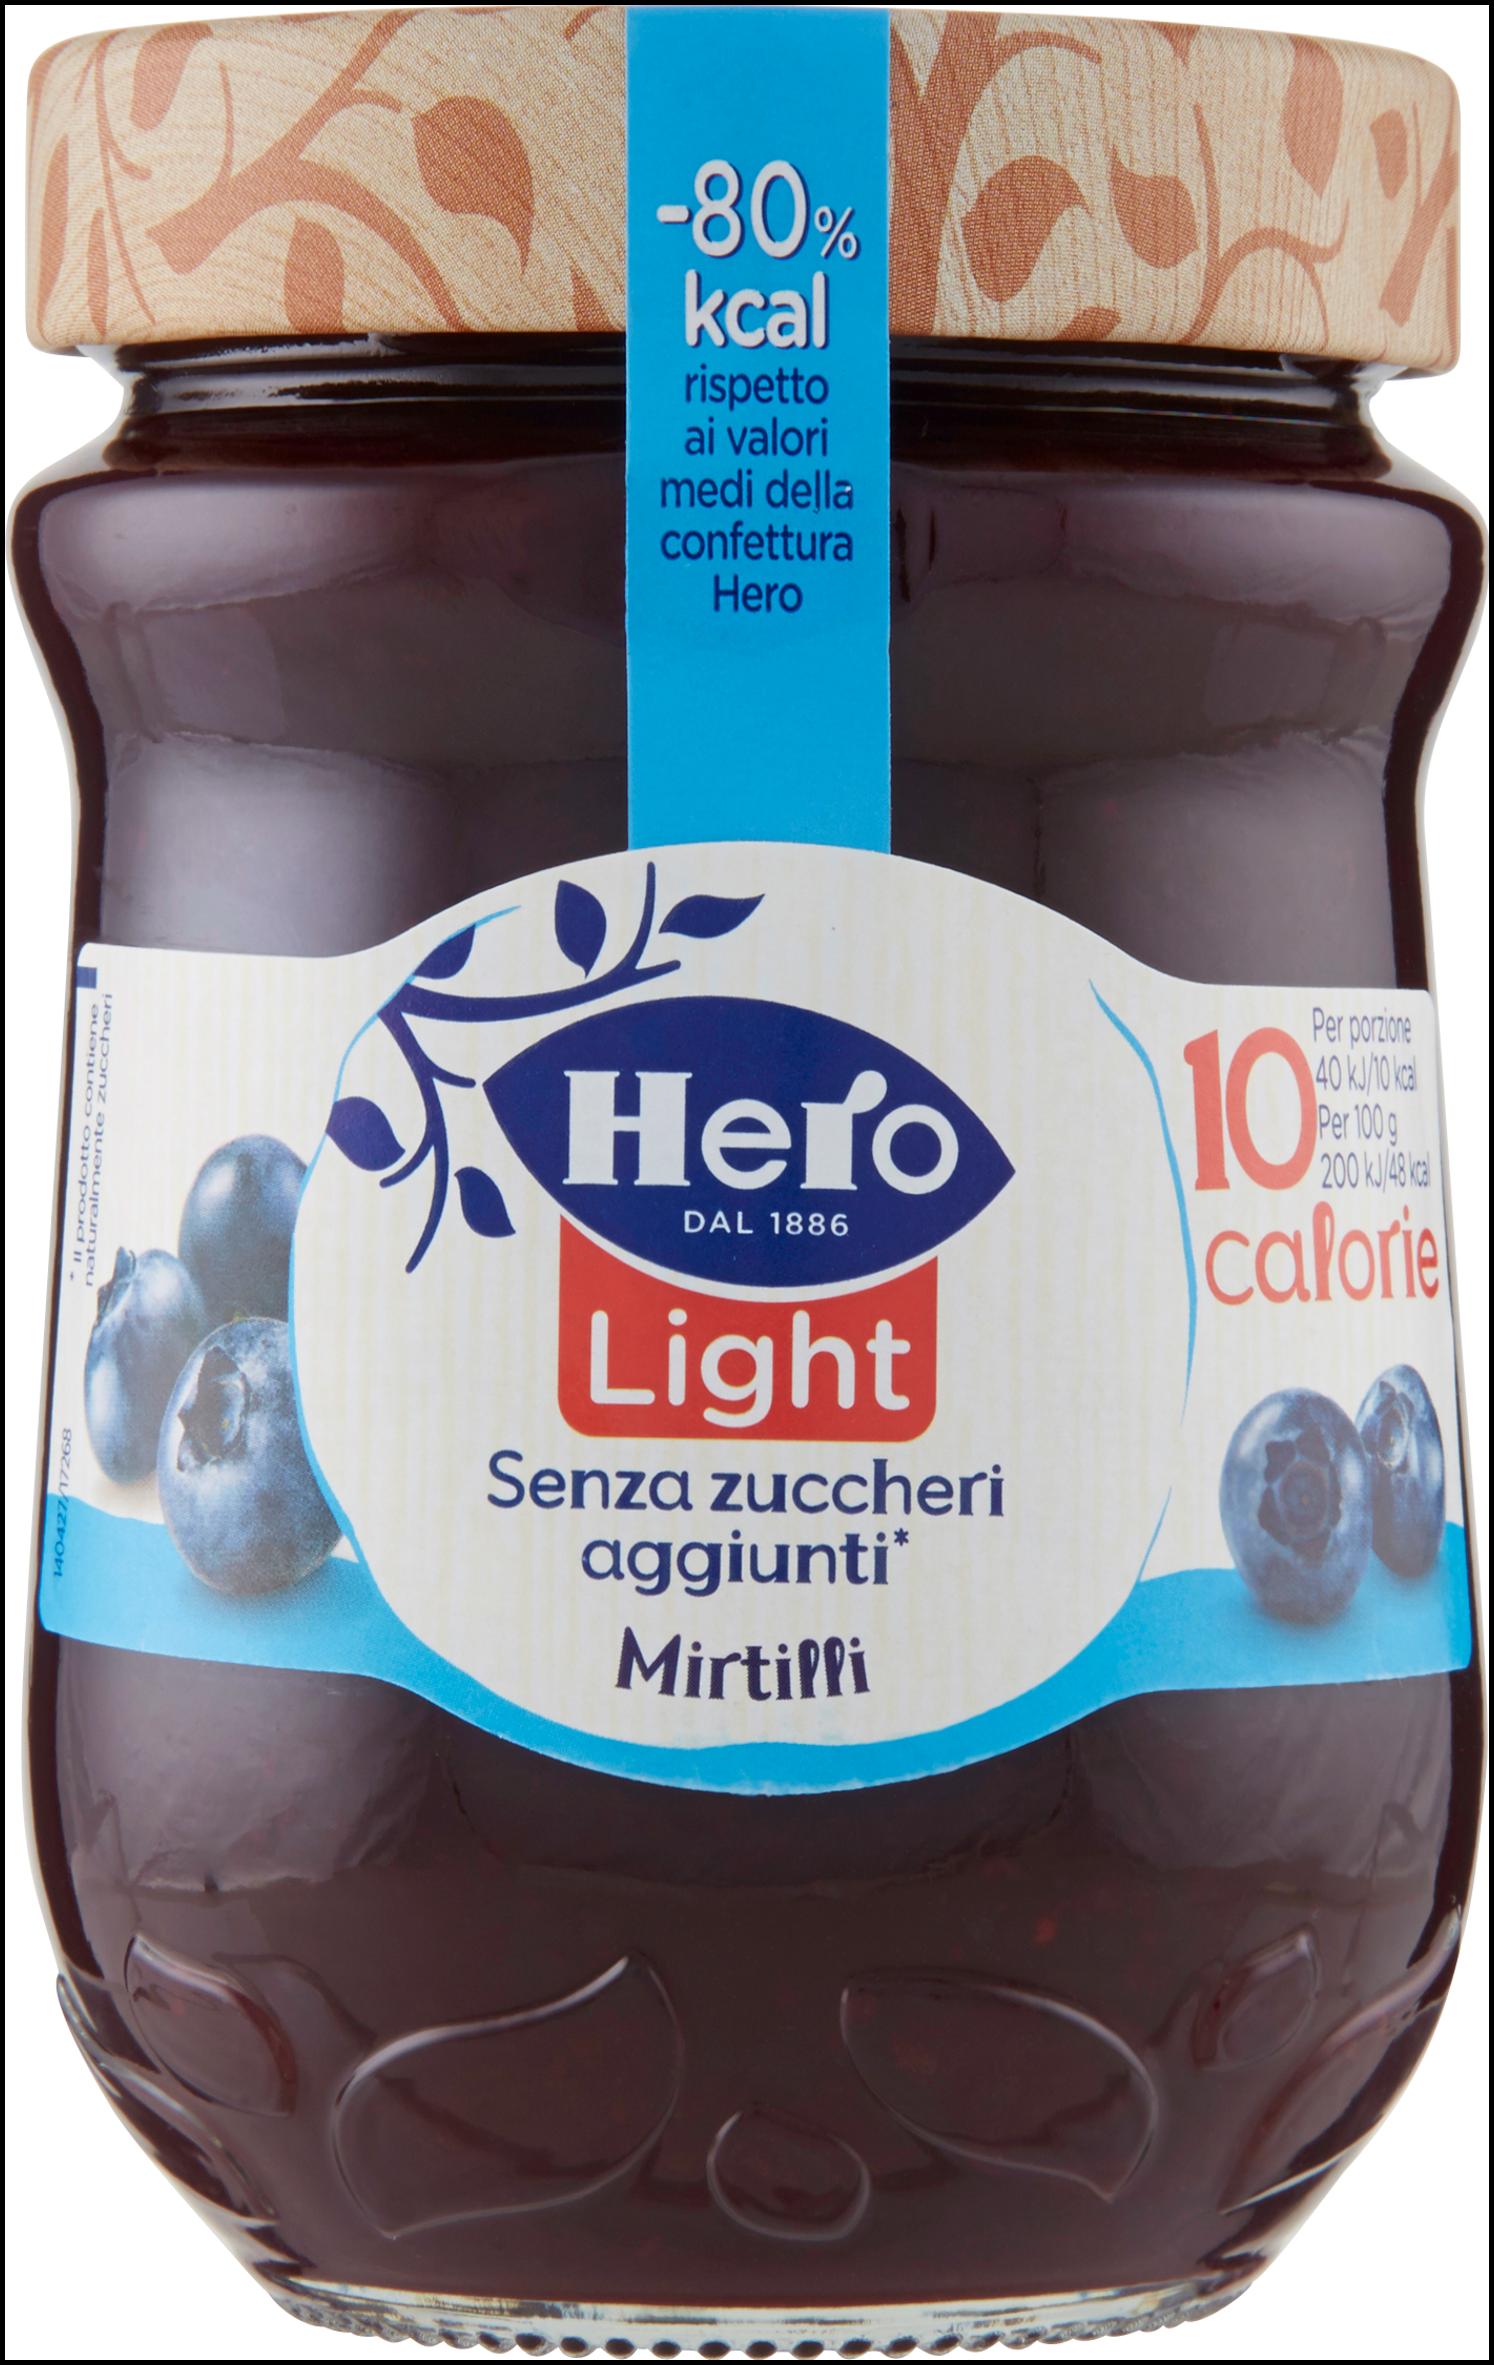 CONFETTURA LIGHT HERO 280G MIRTILLI